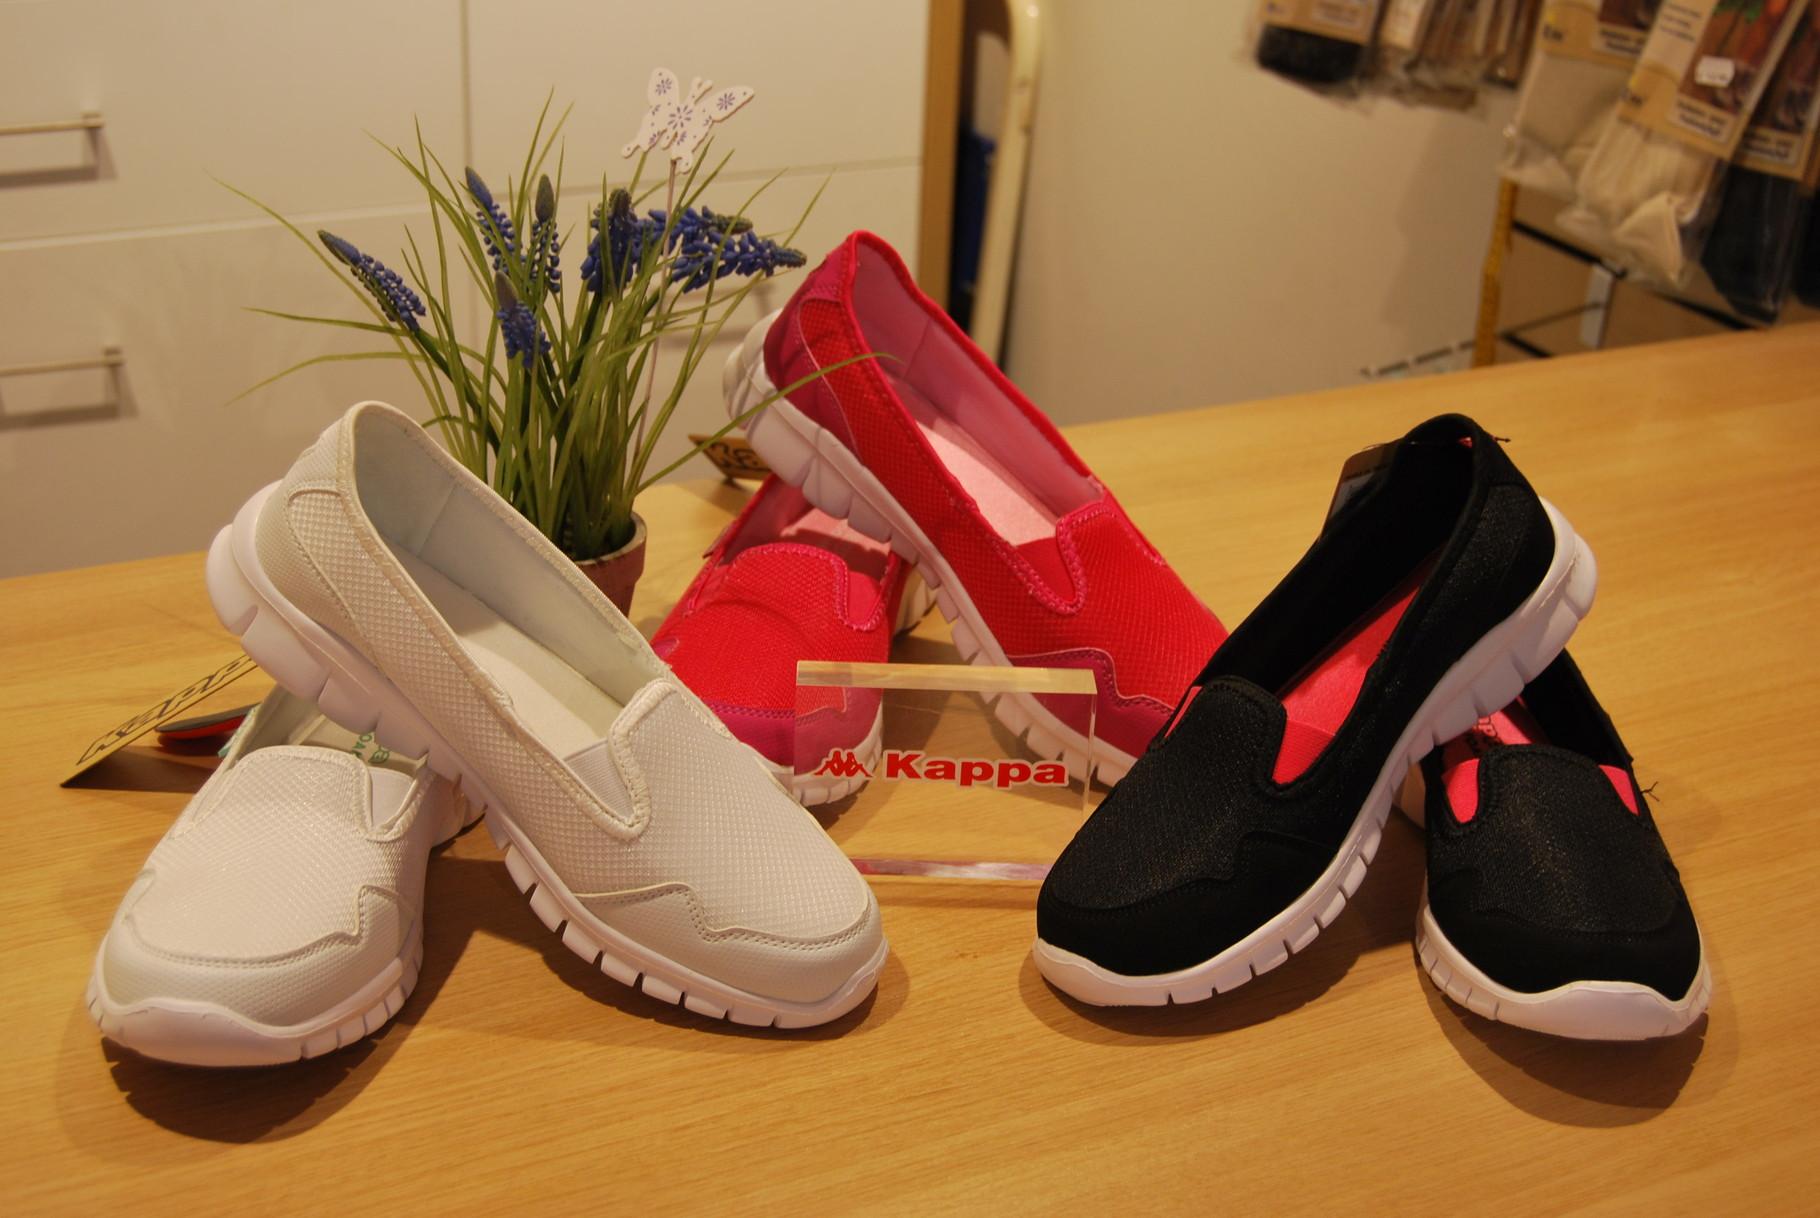 Leichter Schuh mit schöner Dämpfung von Kappa VK 49,90 Euro